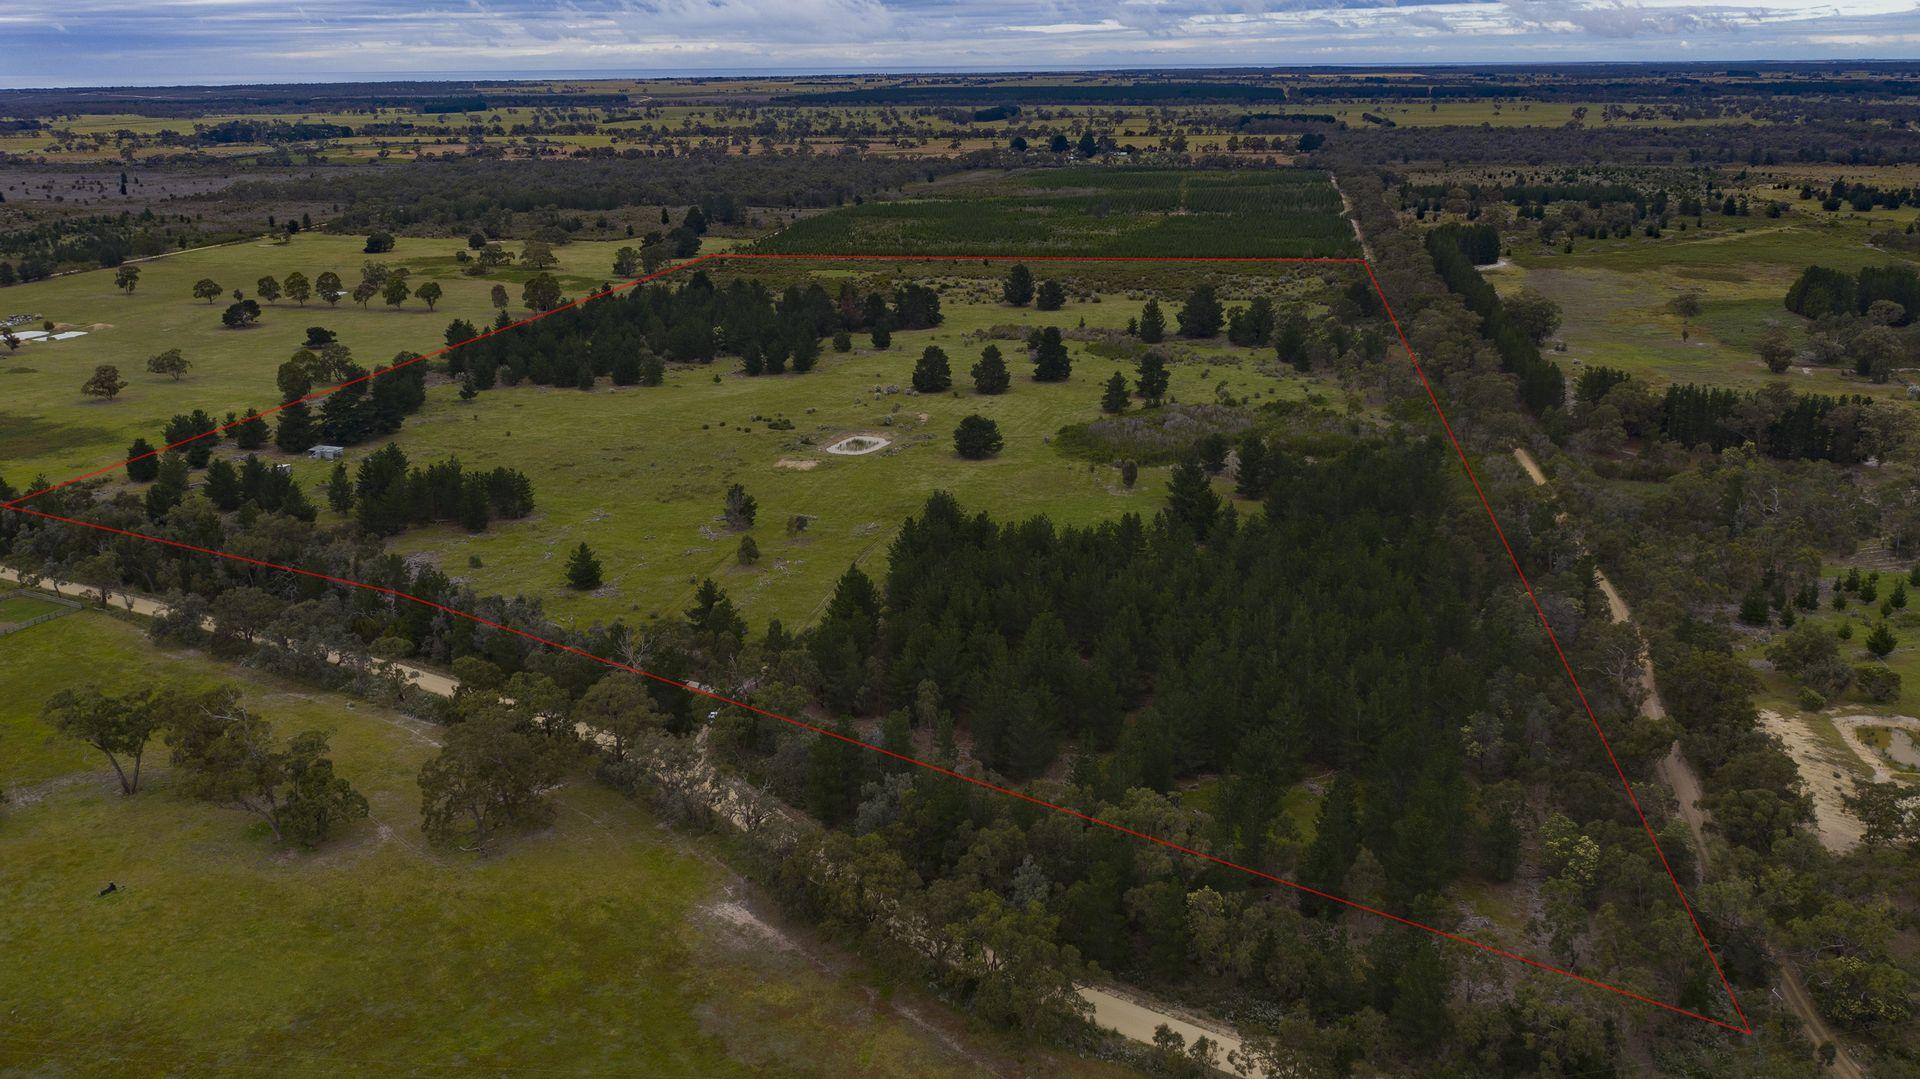 Lot 7 Carrs Creek Road, Longford VIC 3851, Image 1